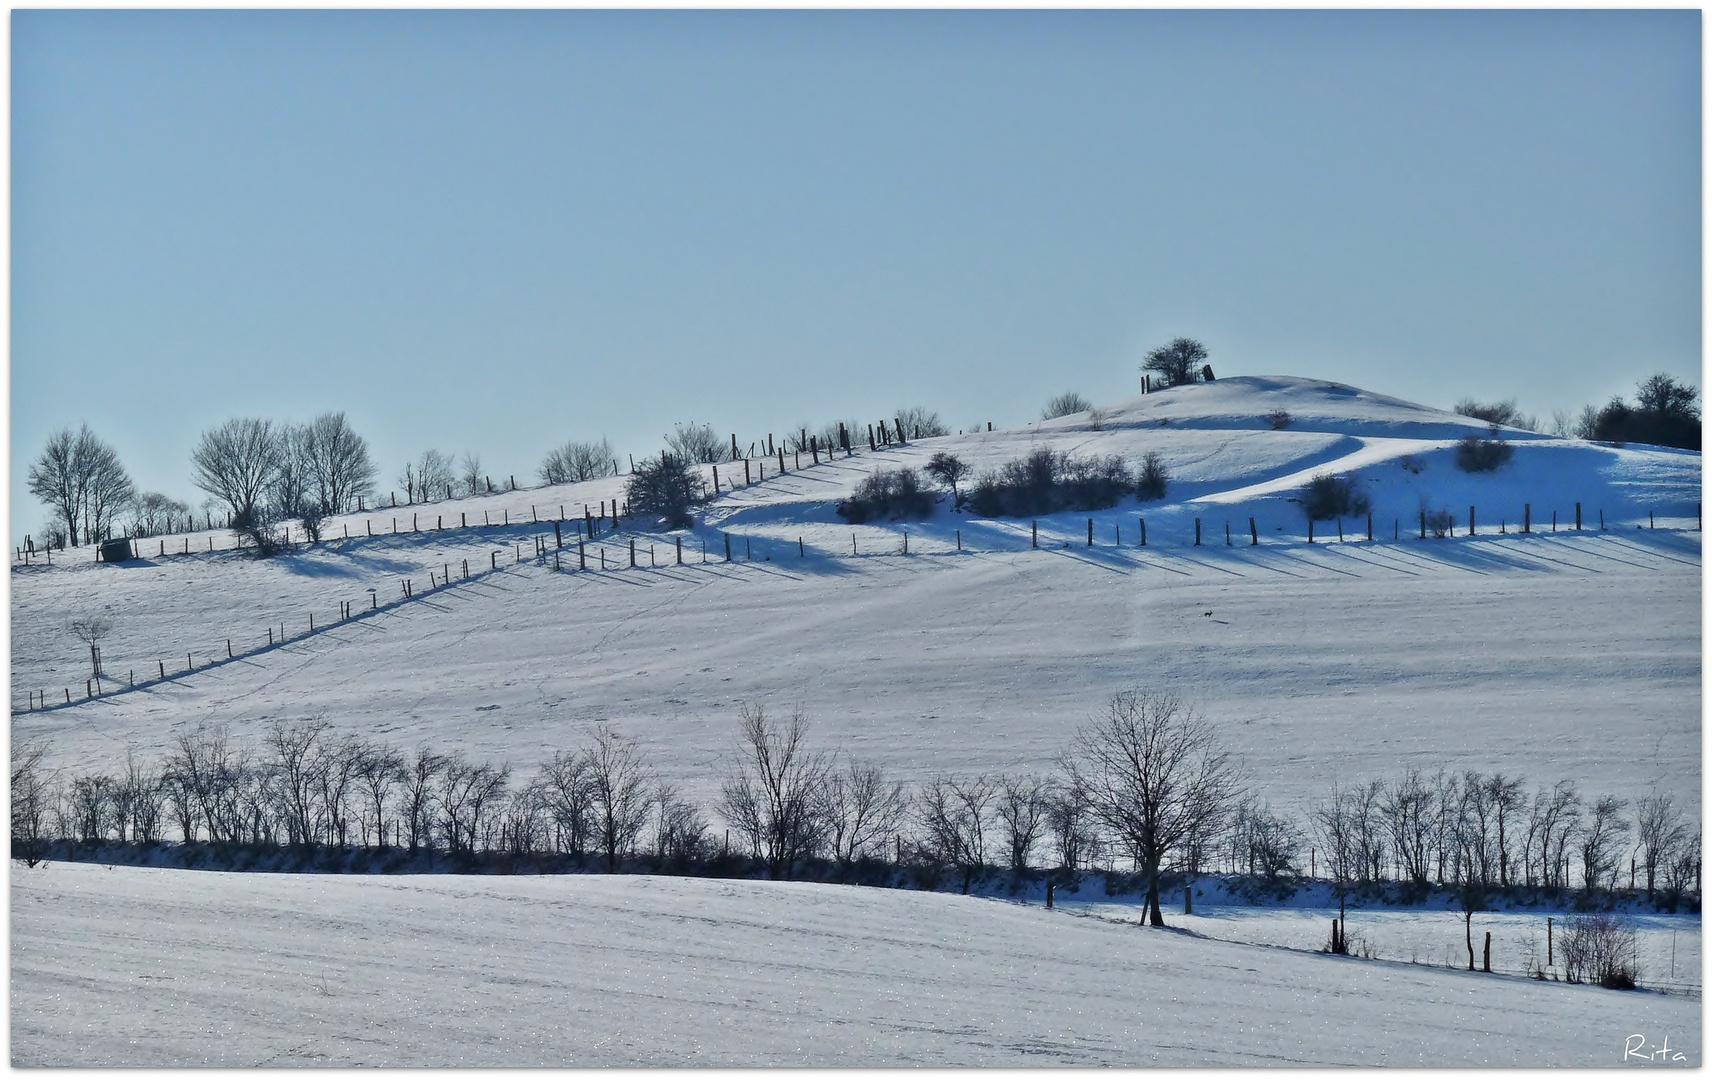 das beste Winterwetter...